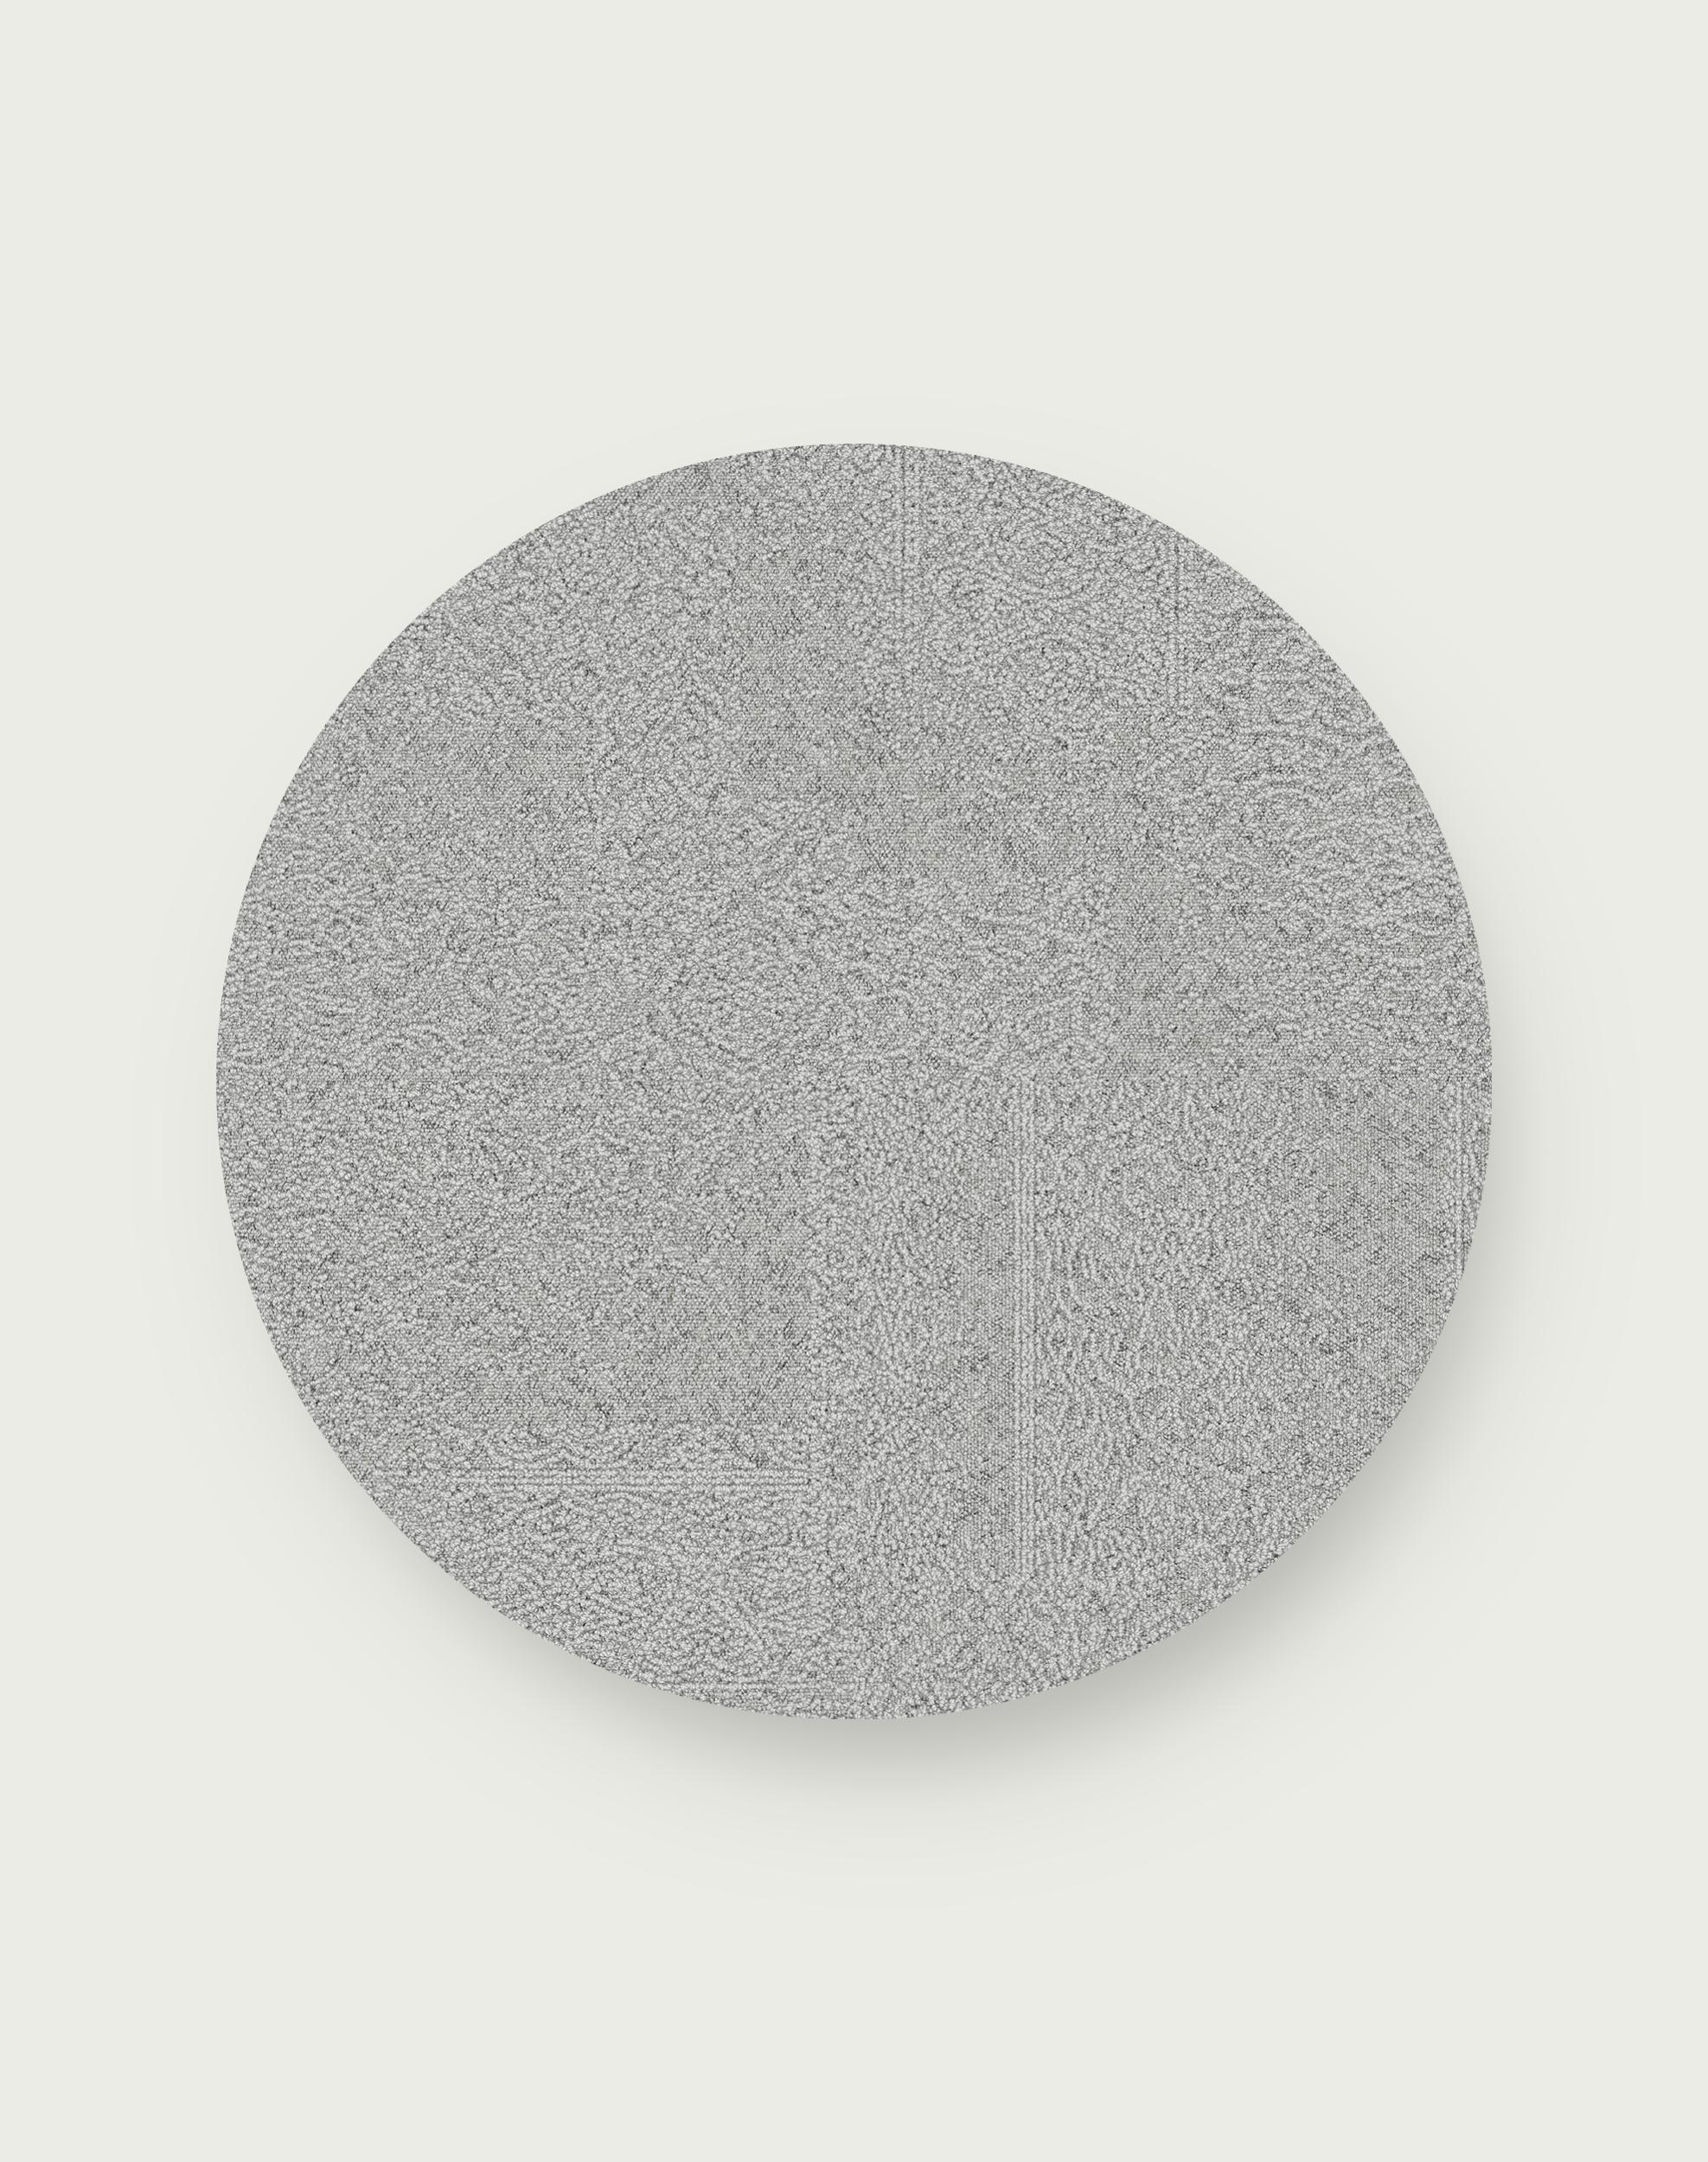 Antique Minx Round Rug - Frost - 3.25 Diameter